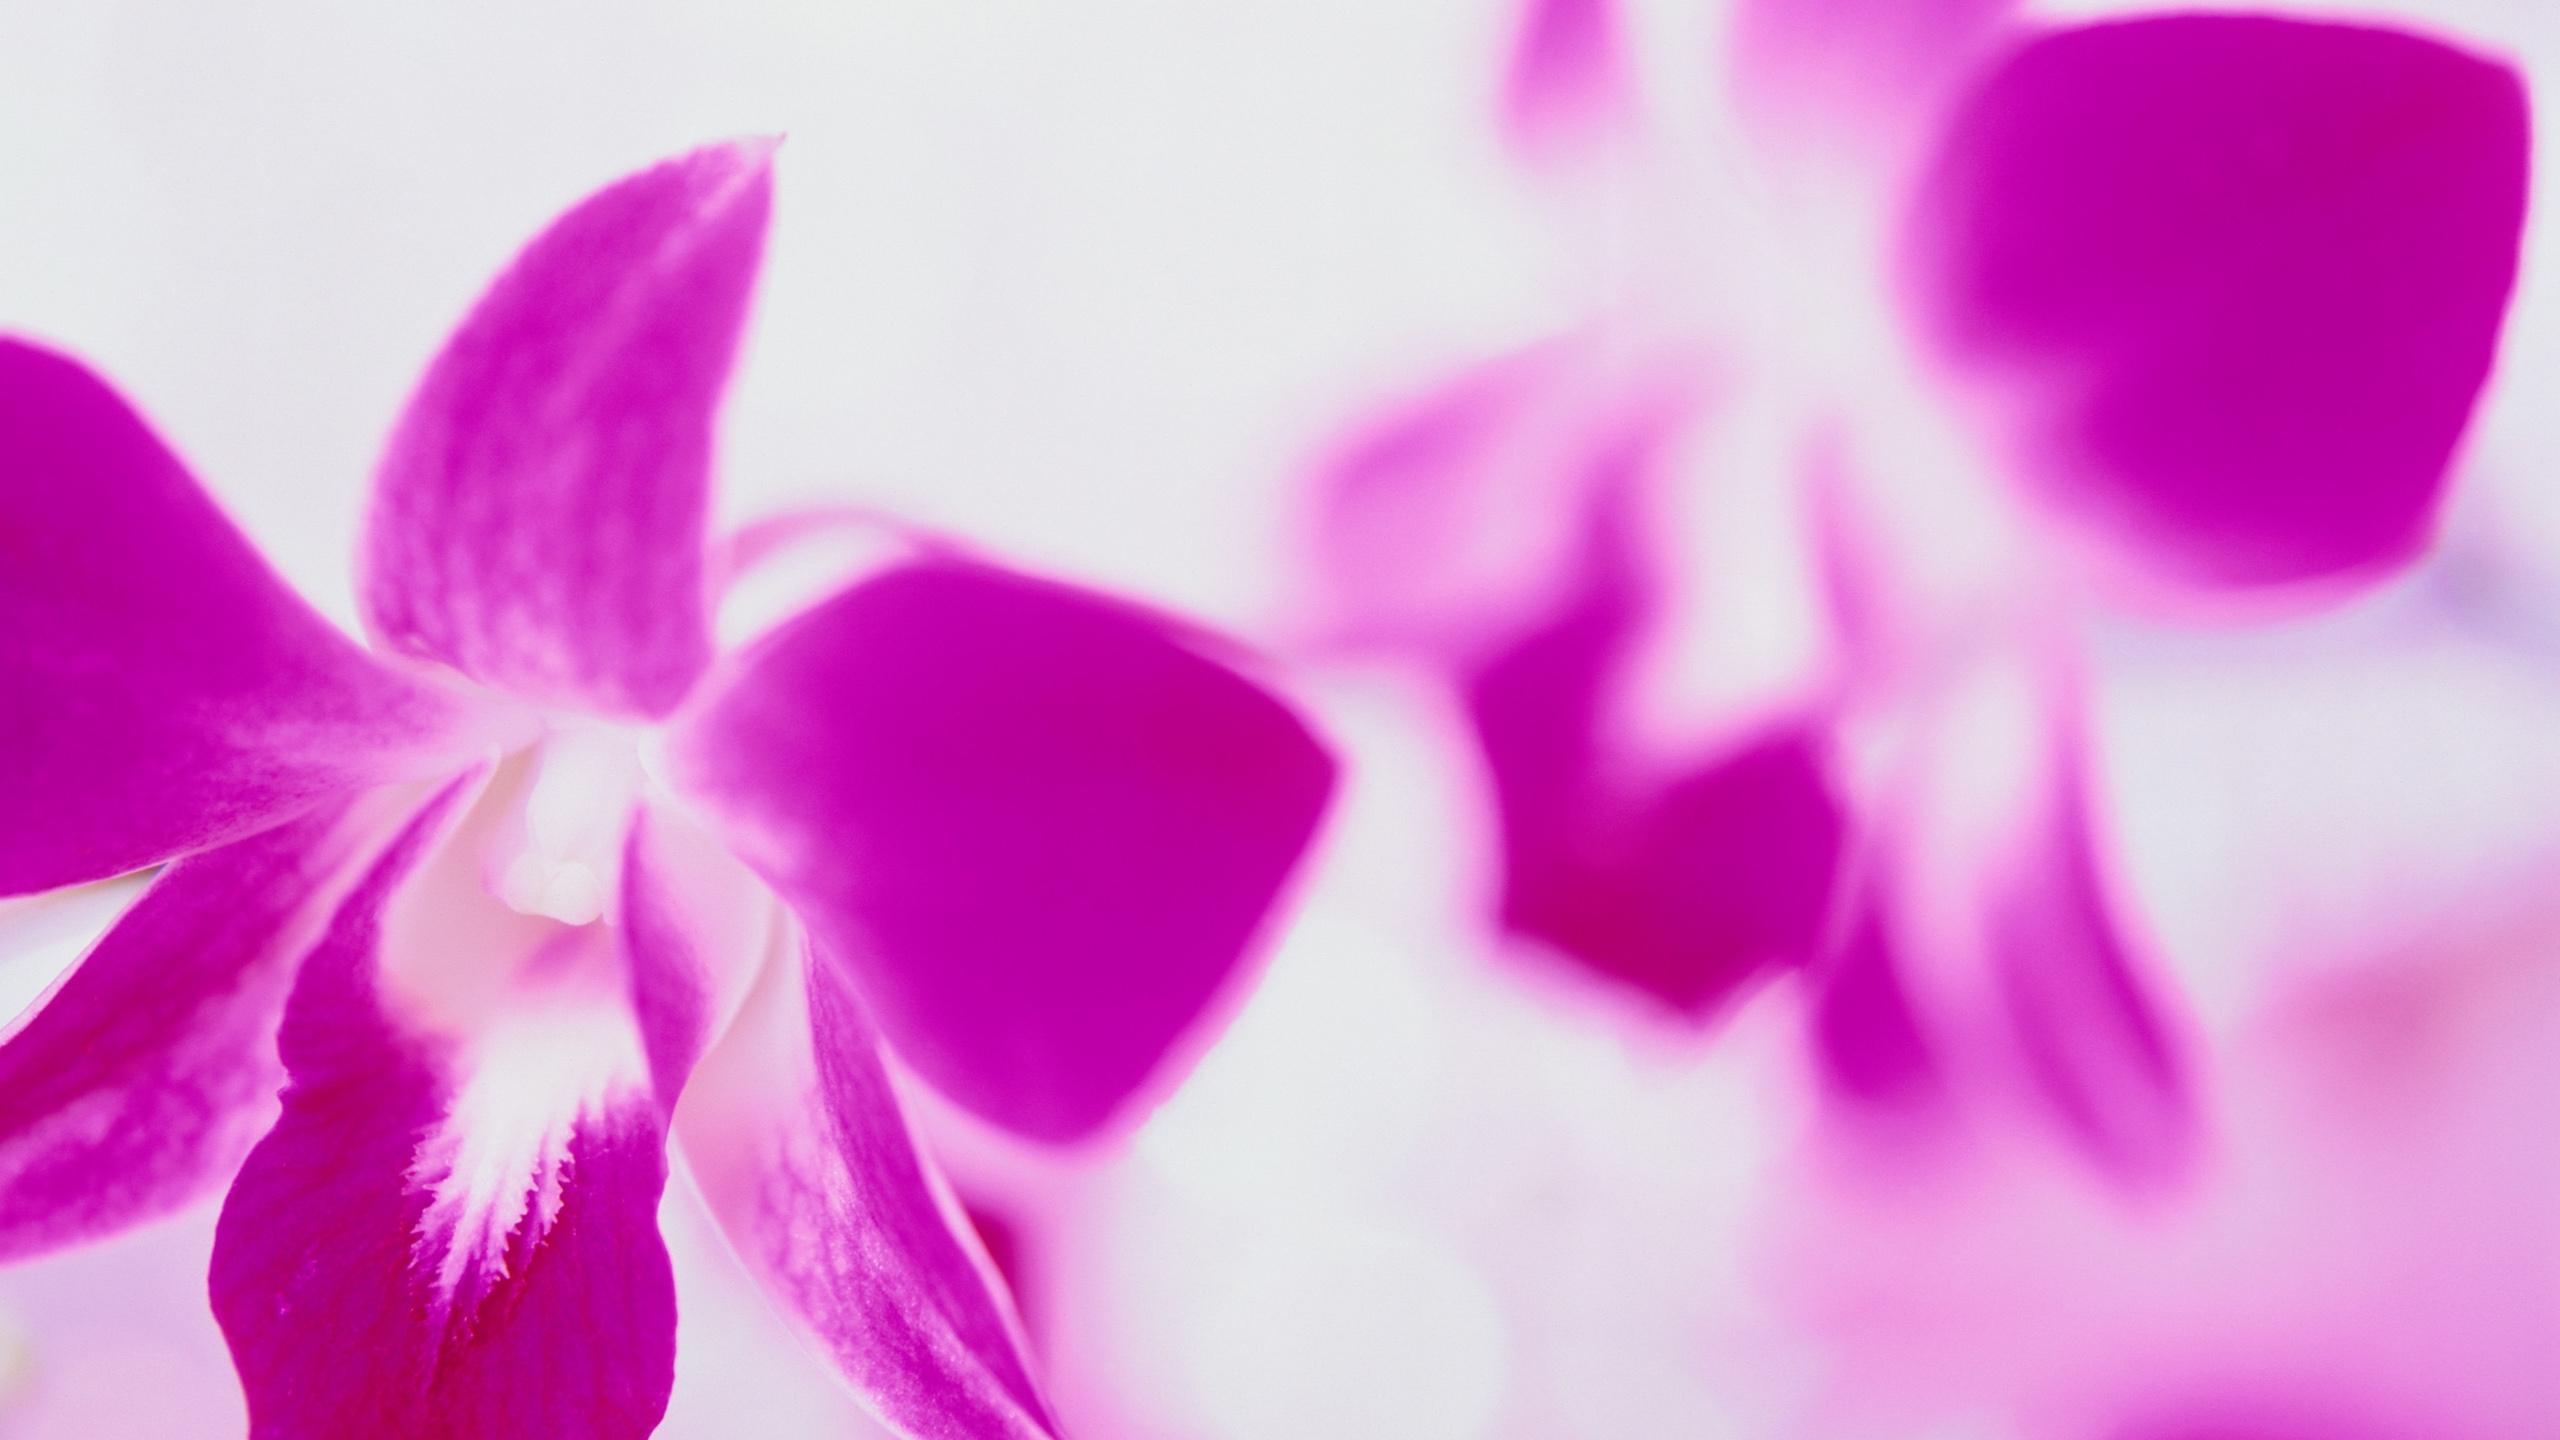 Fonds Décran Fleurs Roses Close Up Fond Blanc 2560x1600 Hd